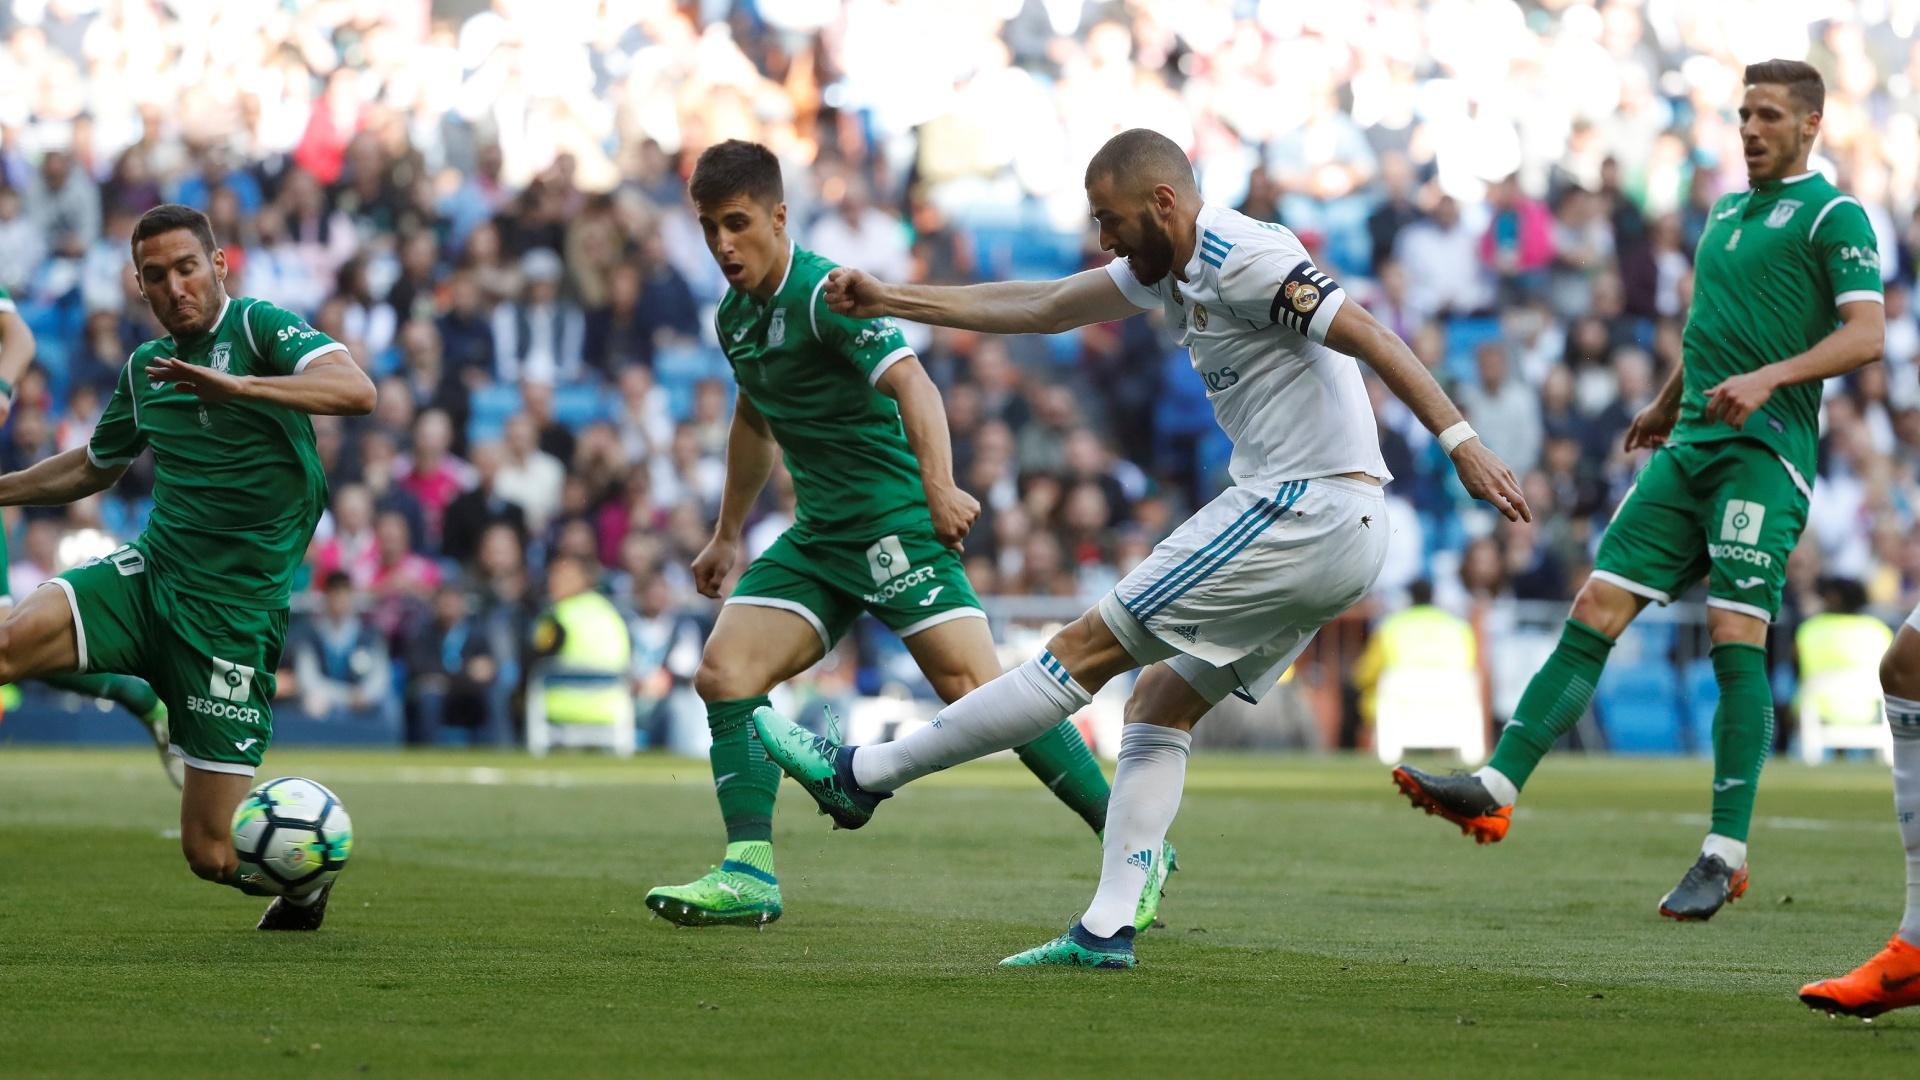 Reserva contra o Bayern, Benzema é titular na partida diante do Leganés